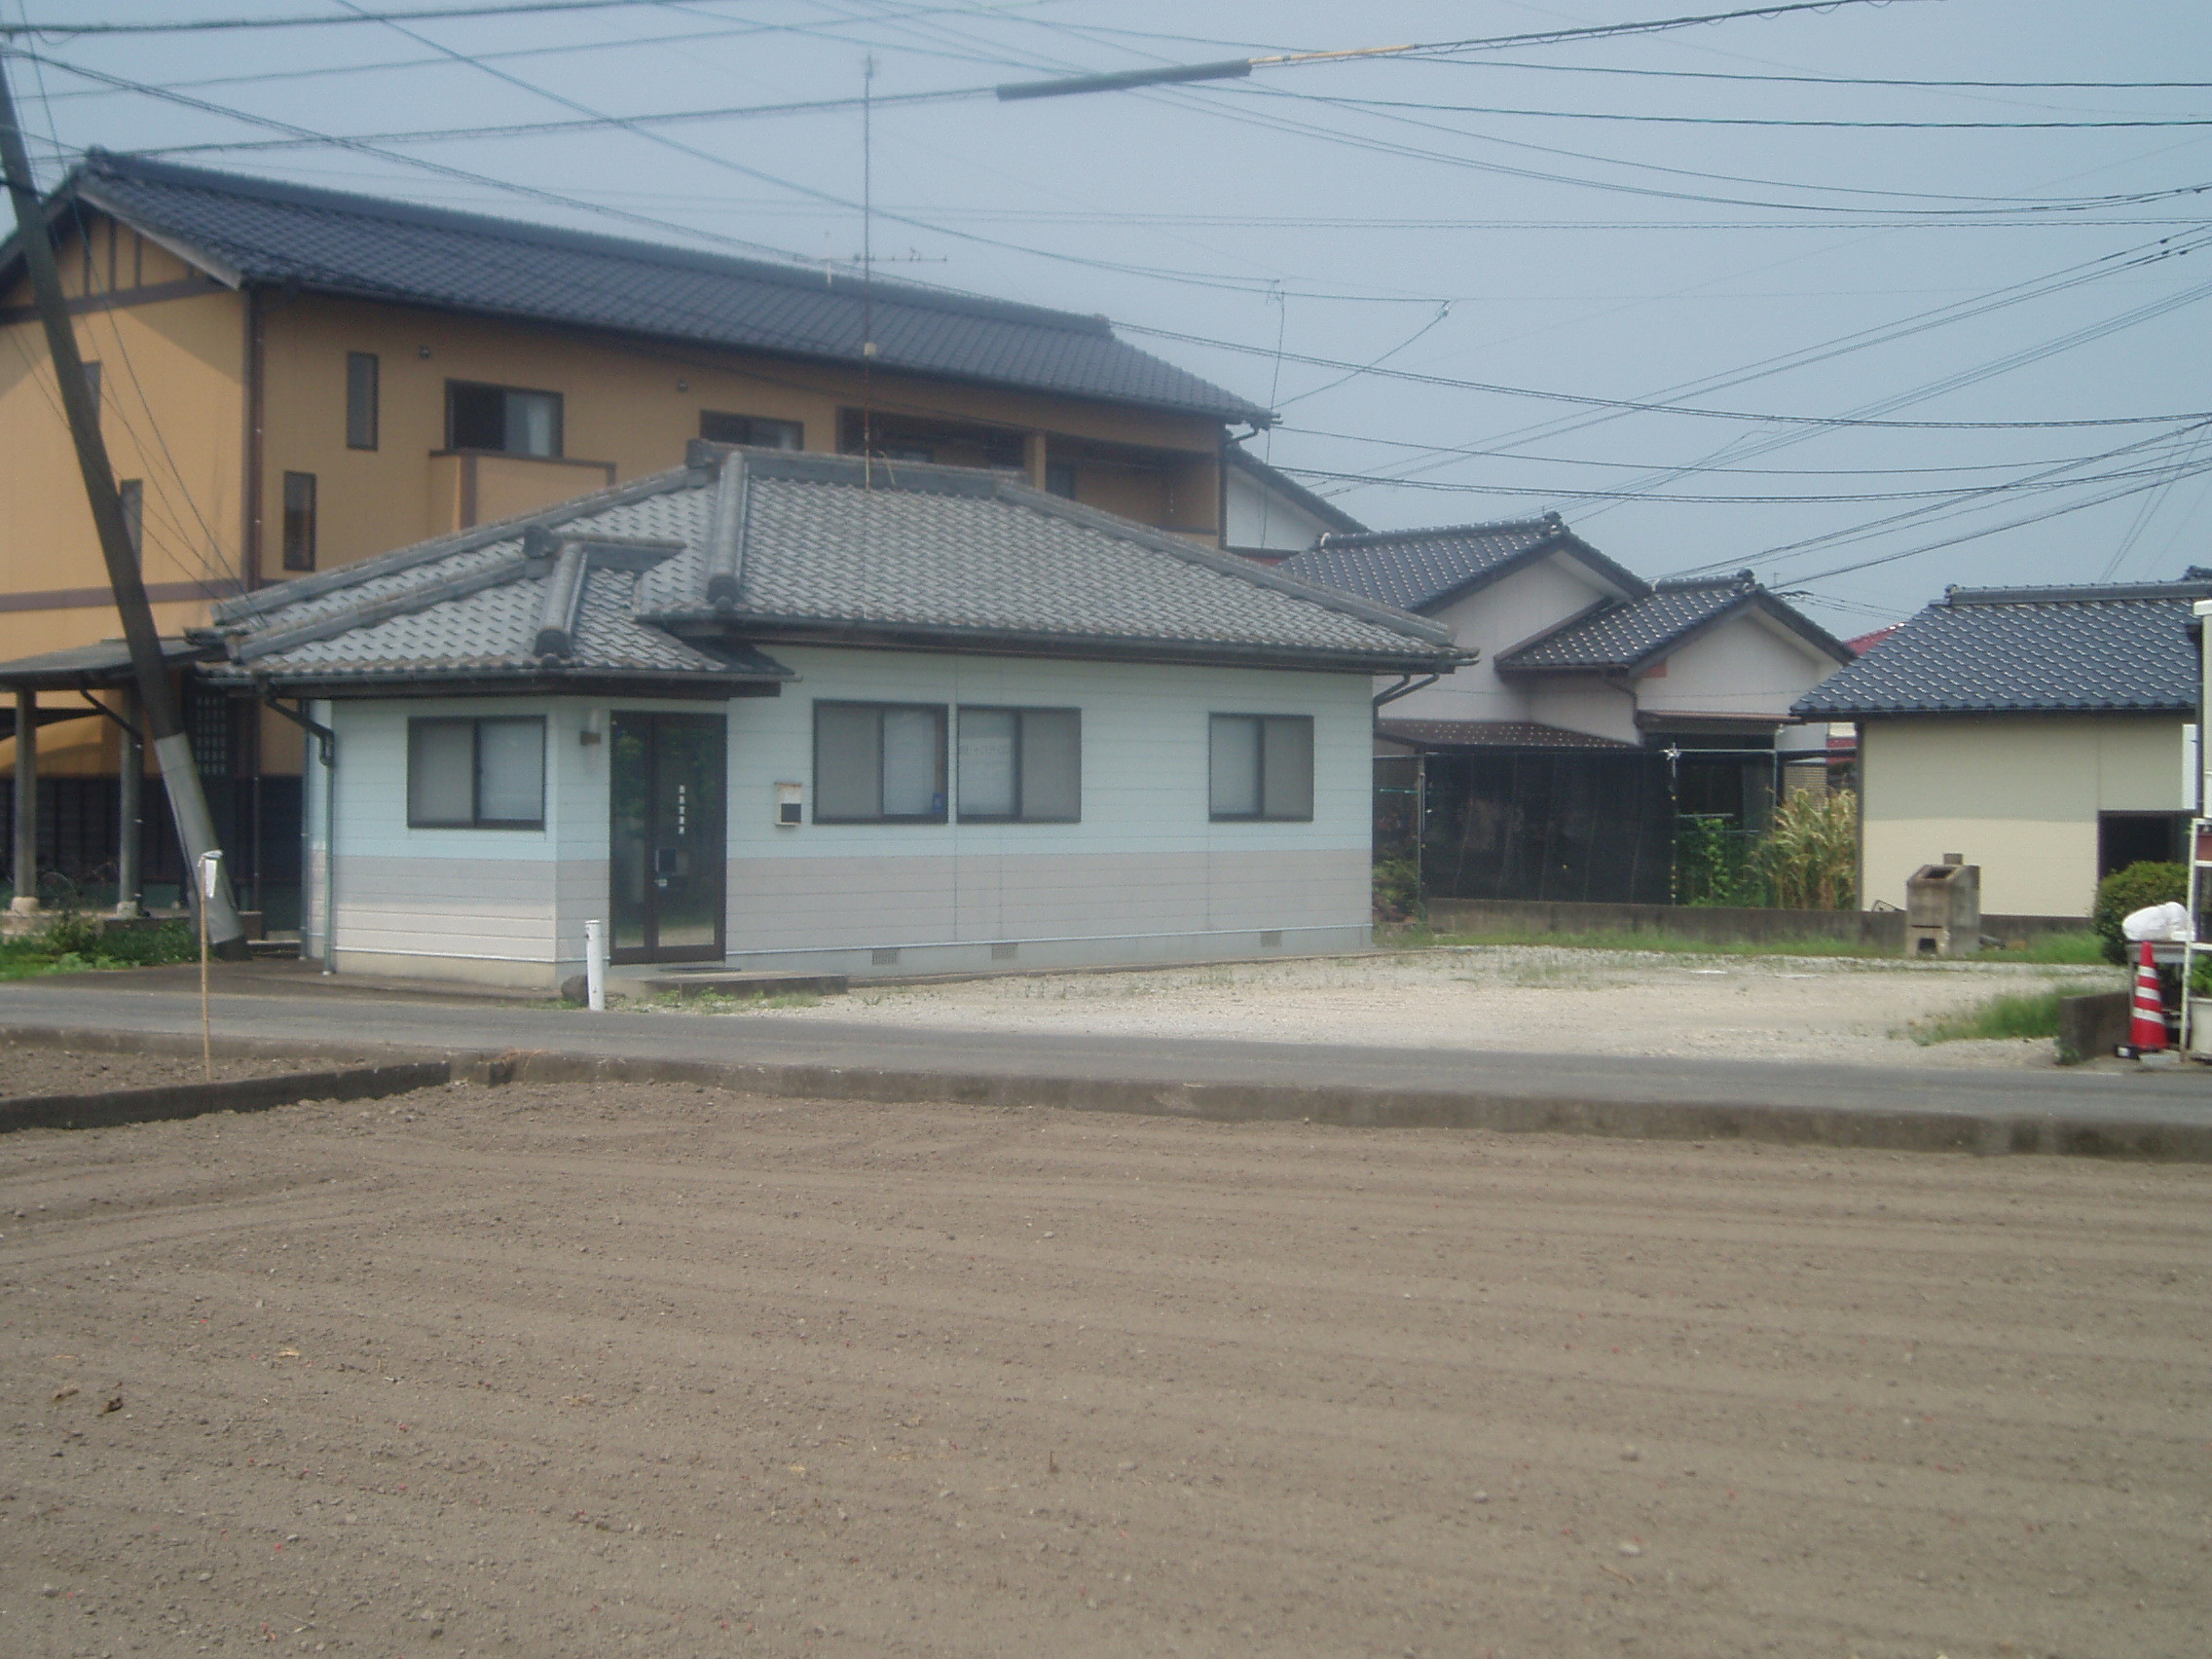 ◆【売事務所】鹿島市馬渡 広い駐車場。浴室付きで寝泊り可能です。